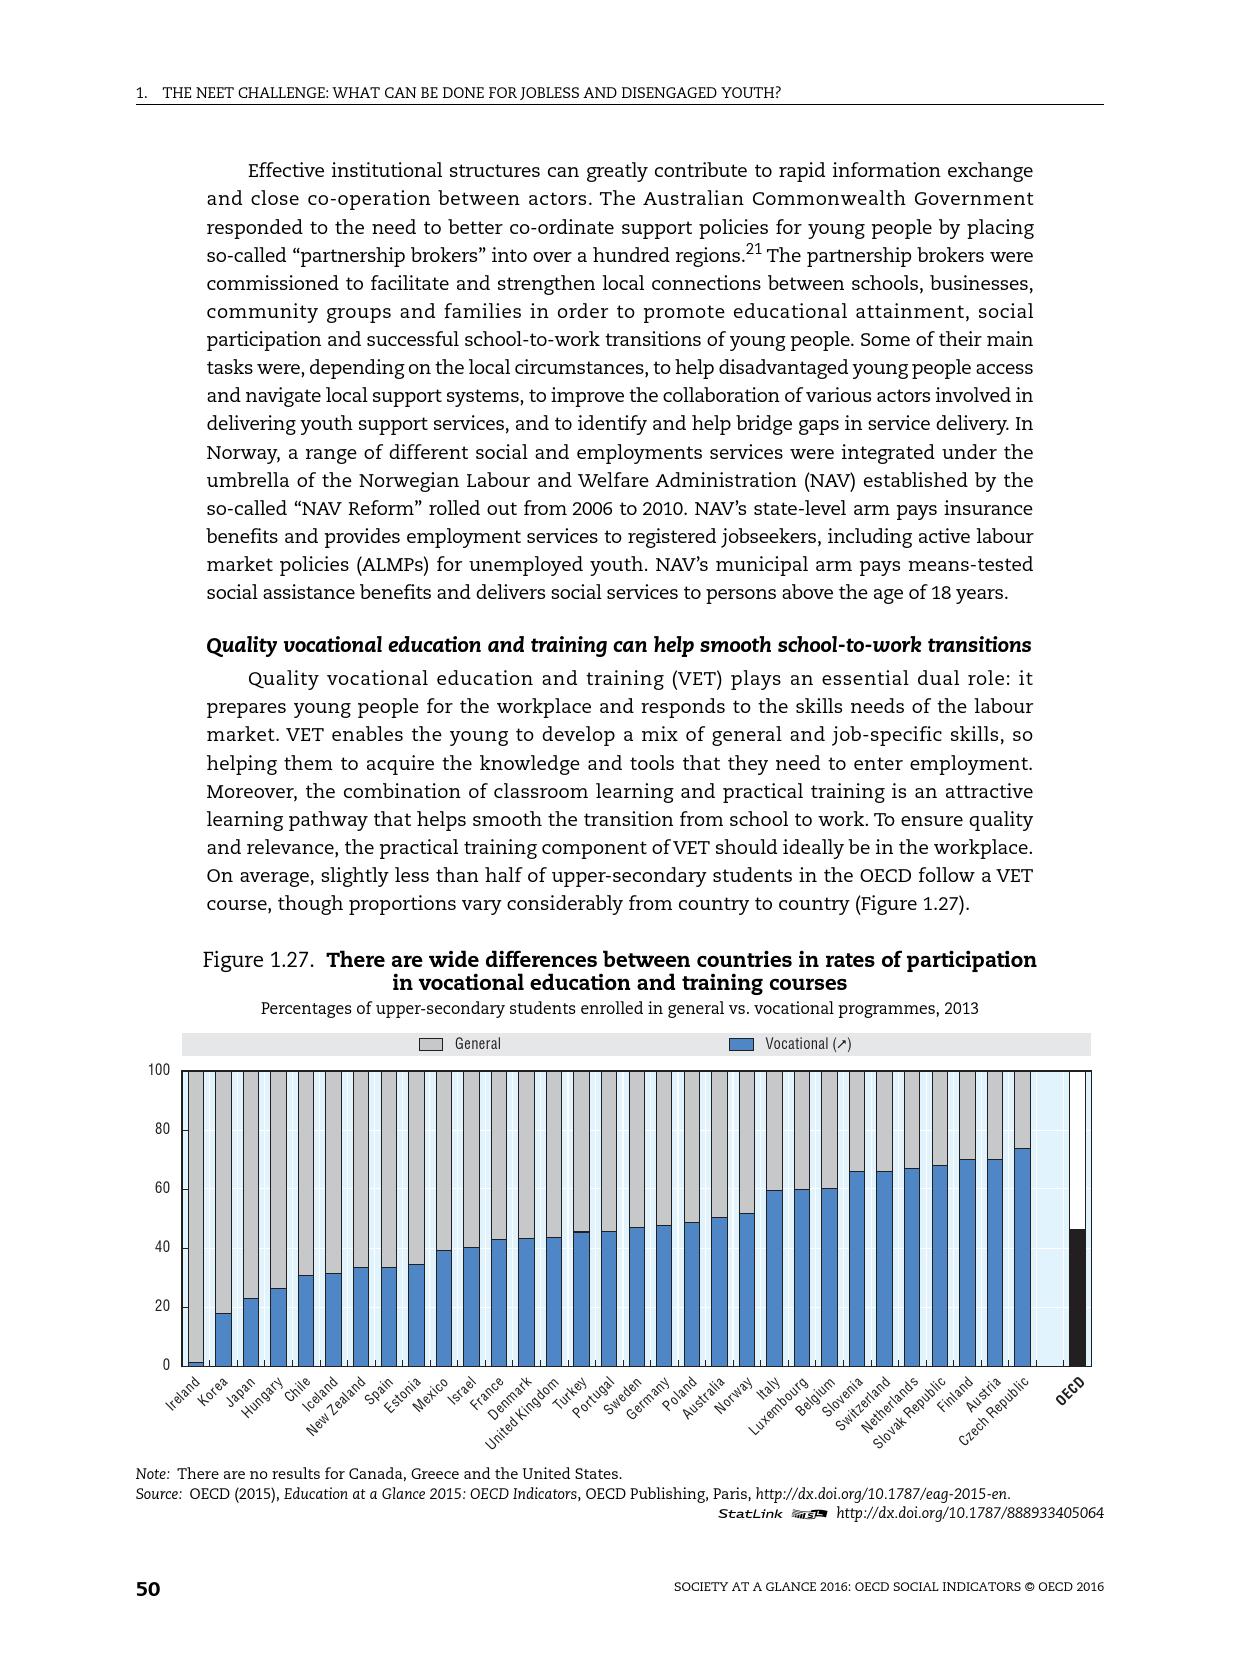 2016年OECD国家社会概览报告_000052